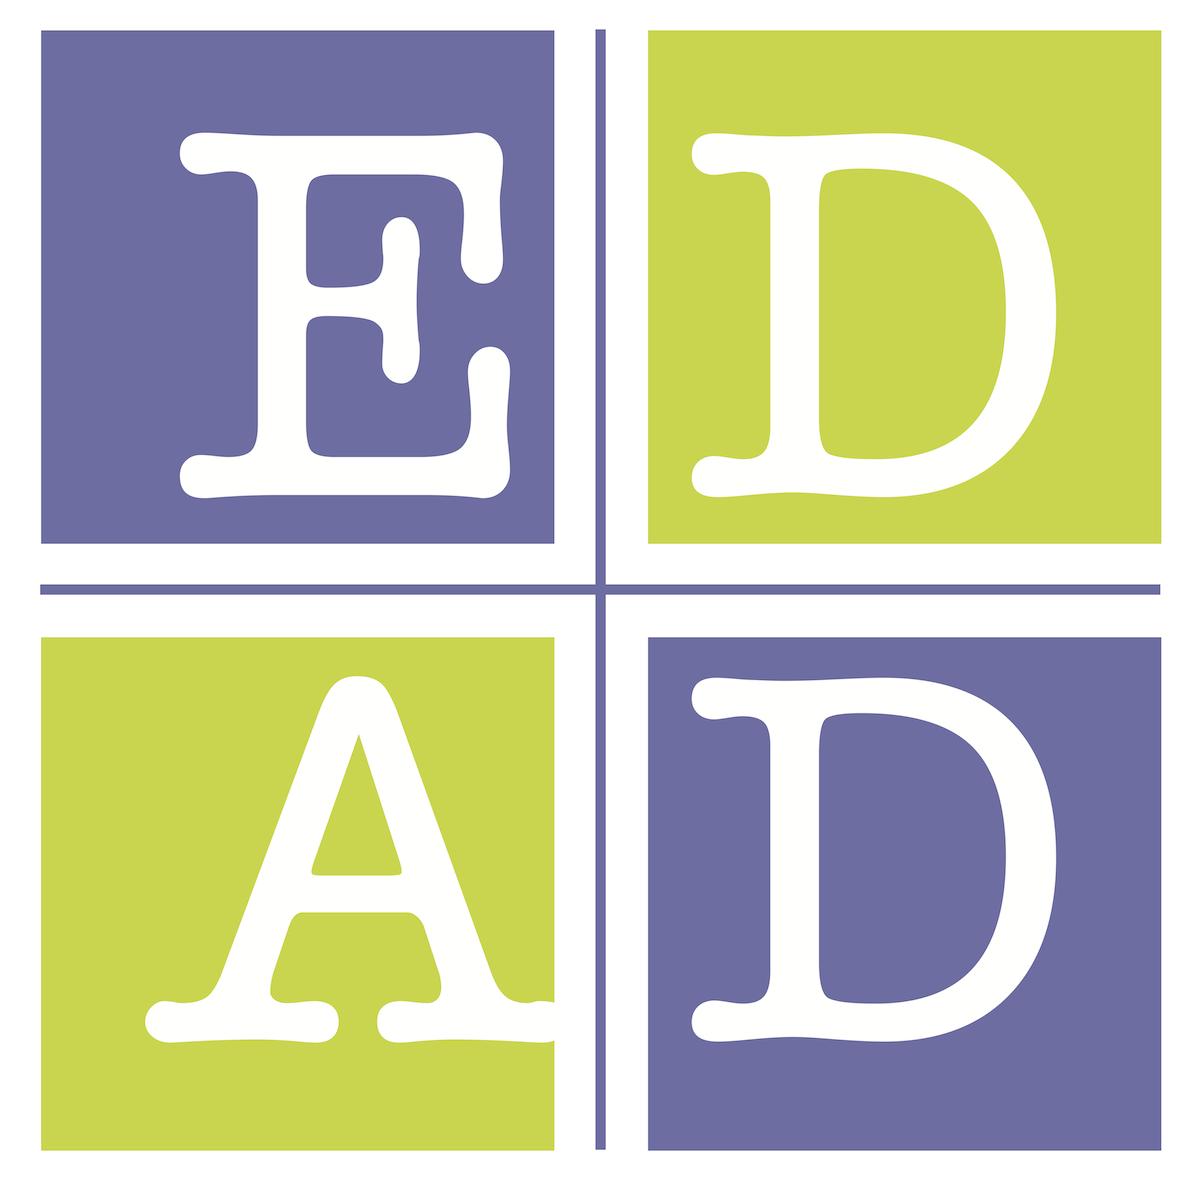 EDAD studio